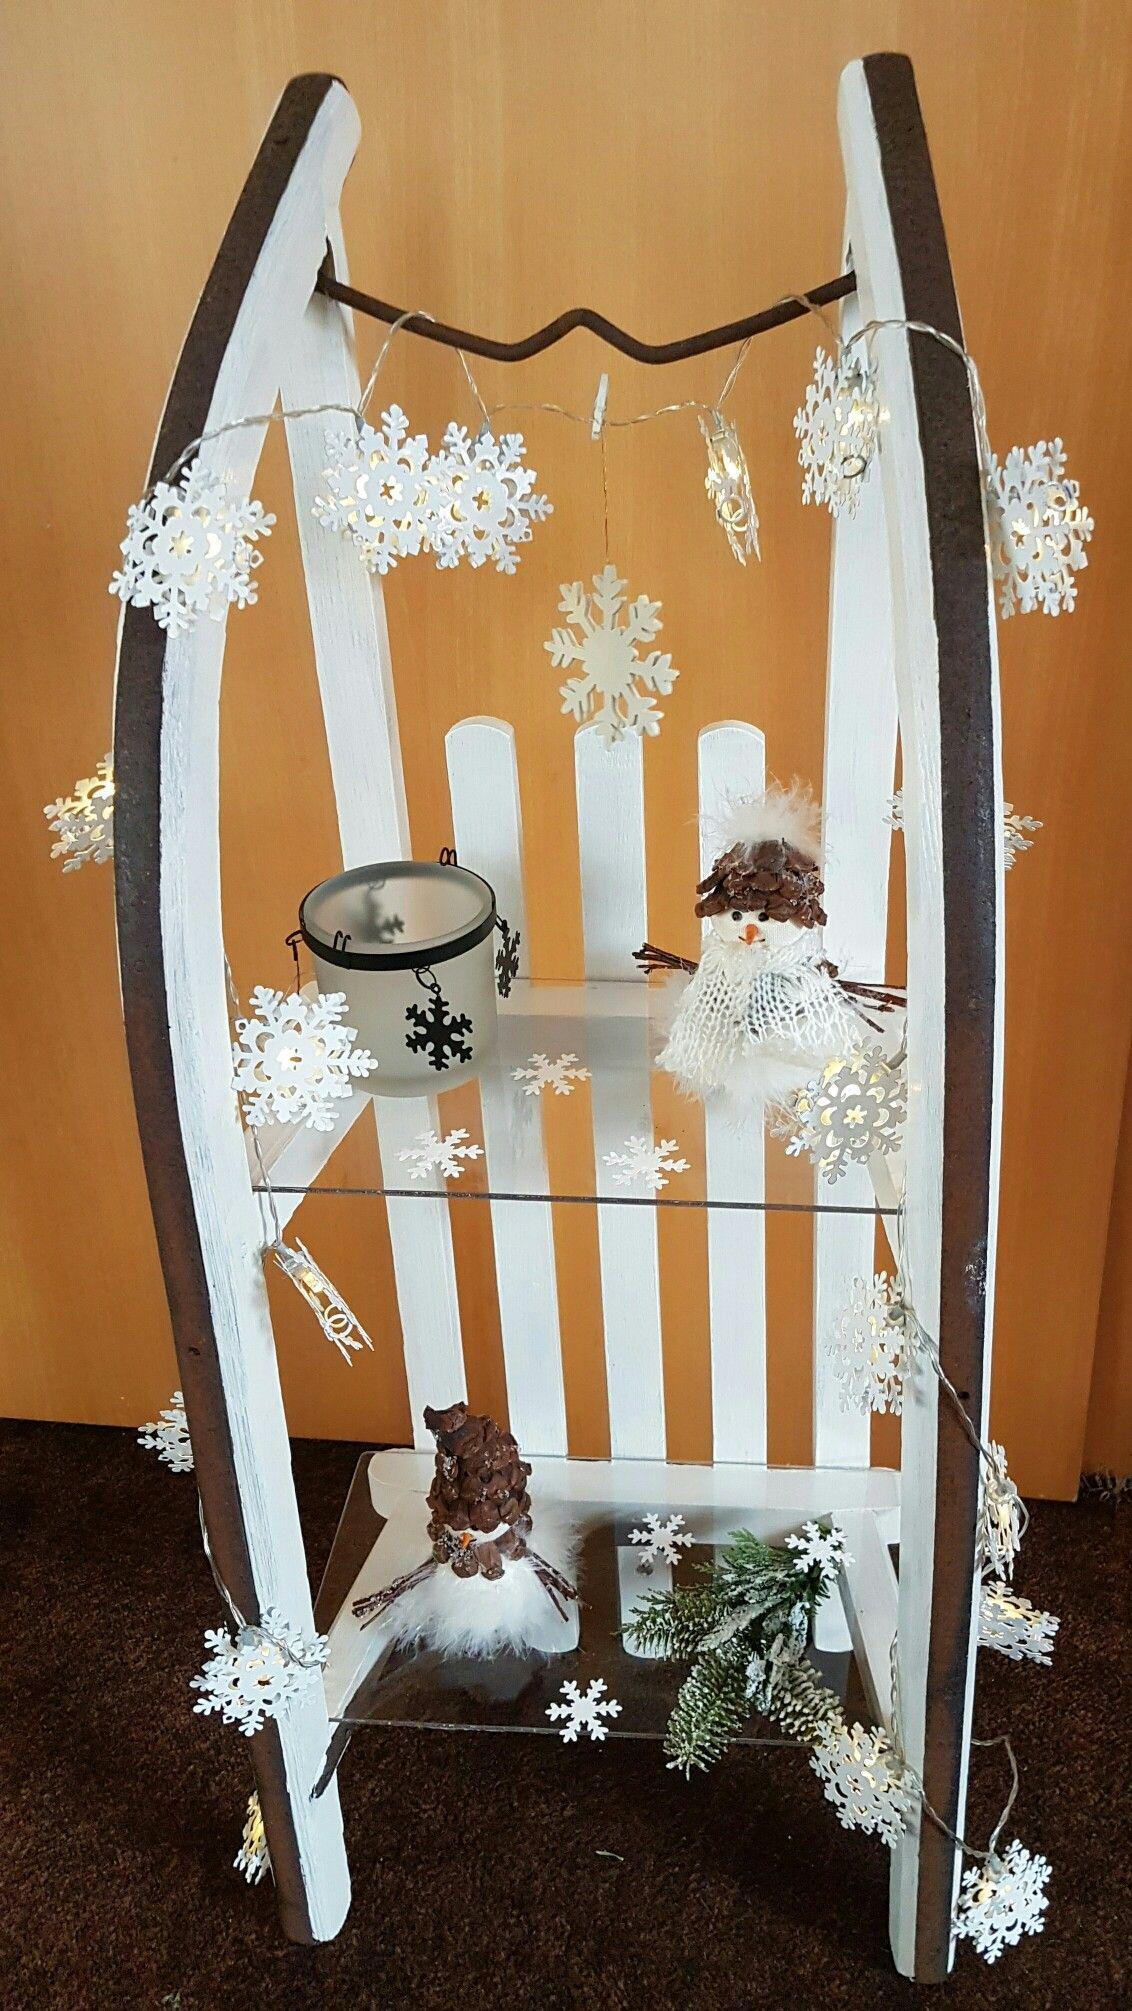 Meine Schlitten Deko - warum muss ein Schlitten weihnachtlich dekoriert werden.....,  #Deko #... #Ästeweihnachtlichdekorieren